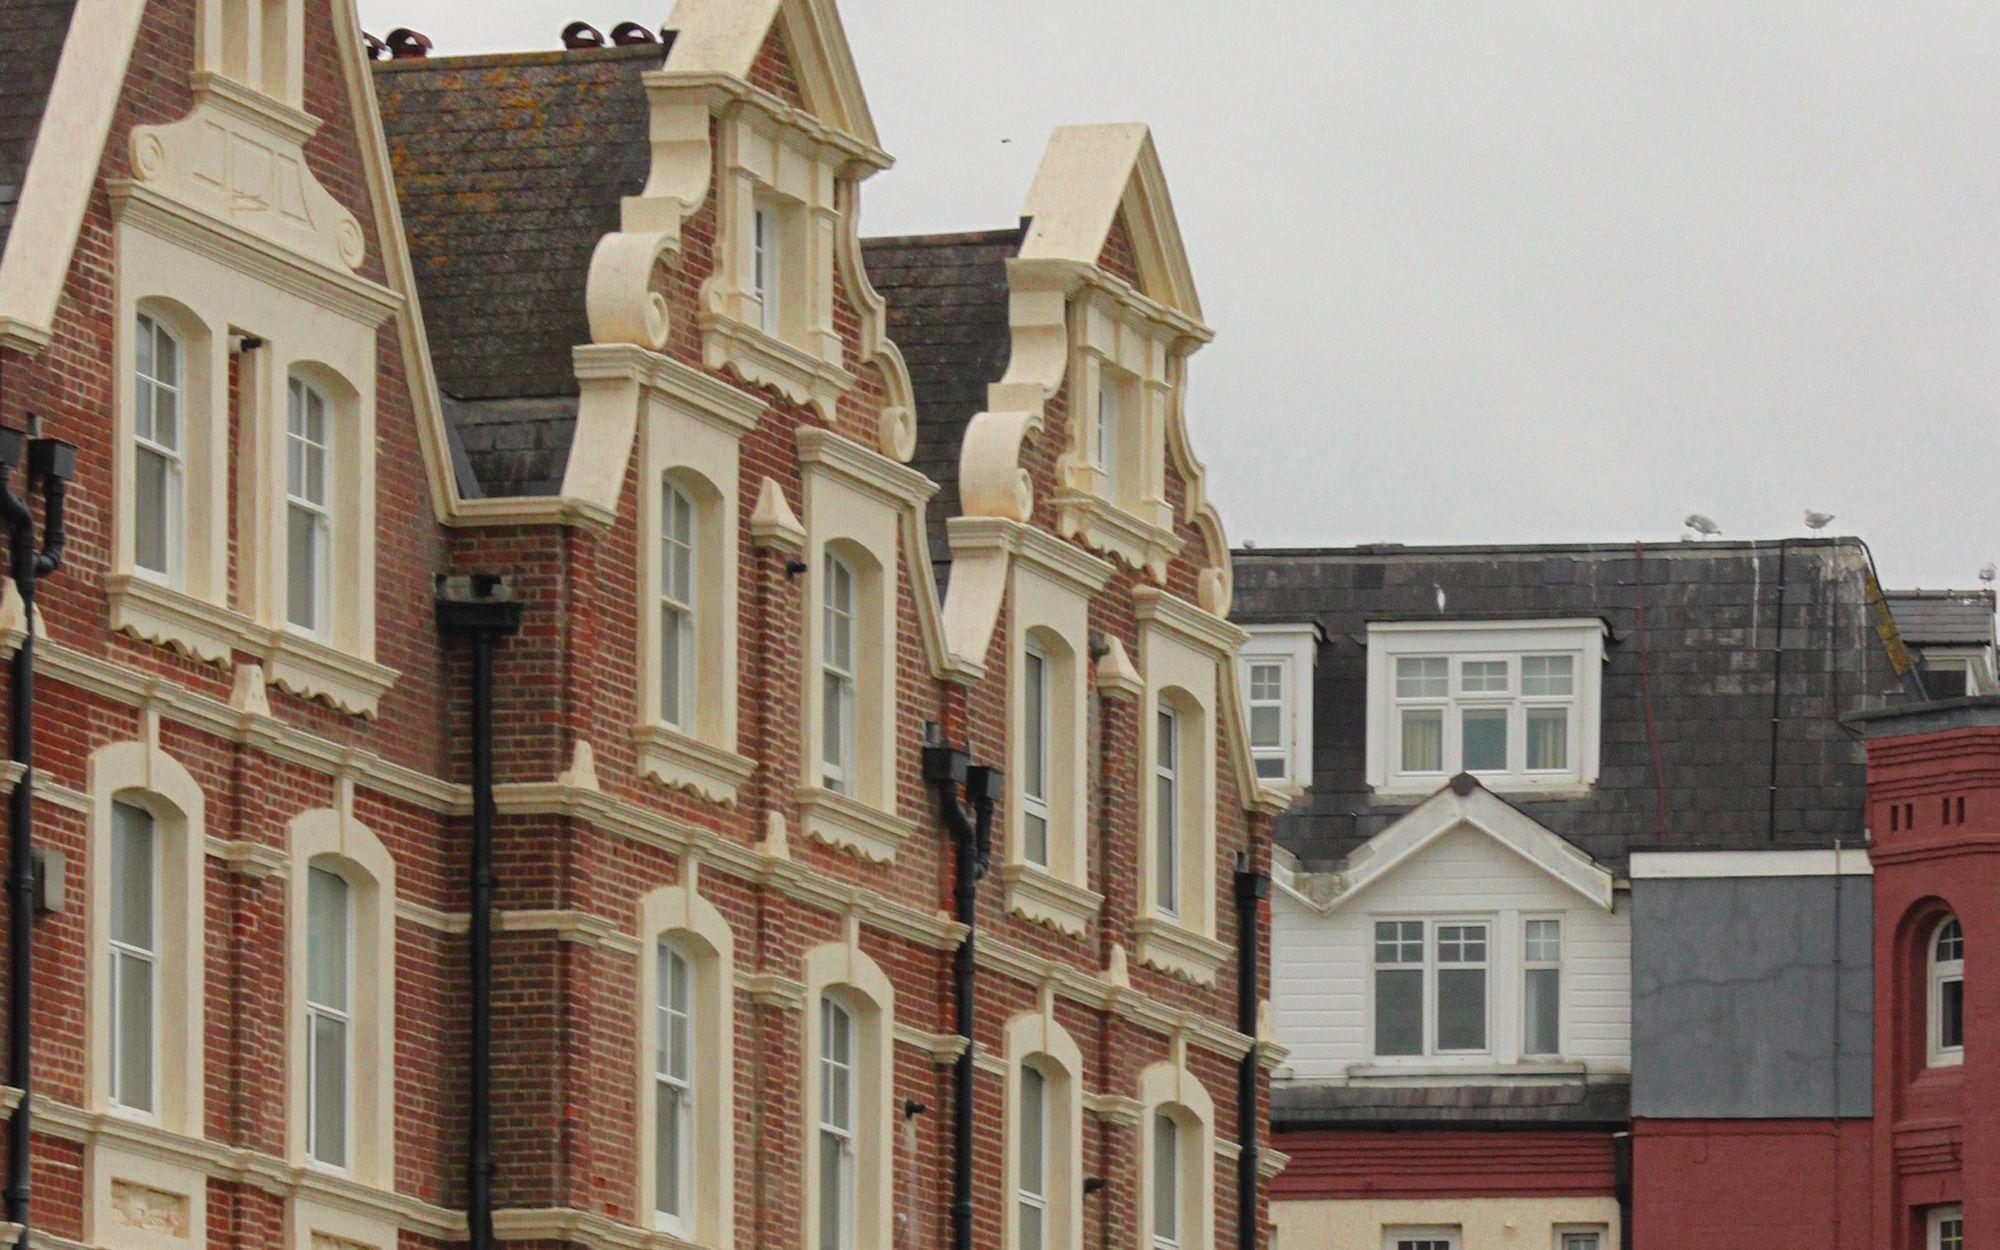 Hot Housing Market Creating Risk to UK Economy